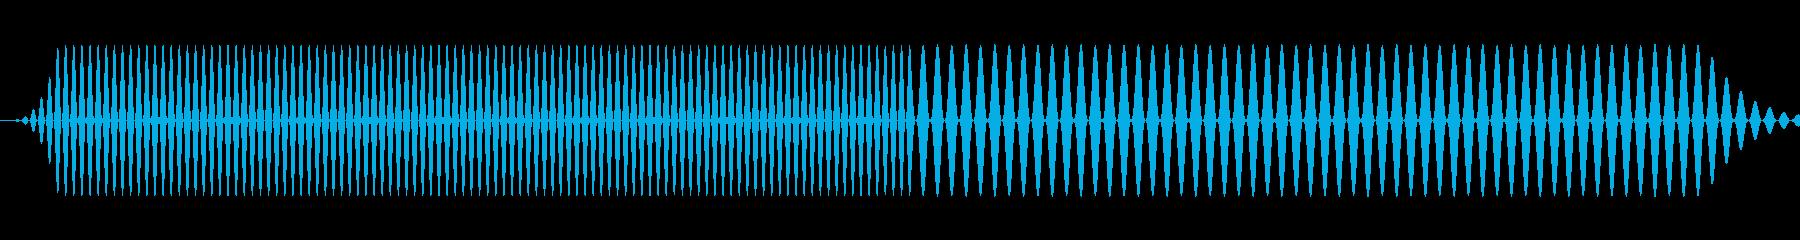 さまざまなピッチでの複数のインター...の再生済みの波形